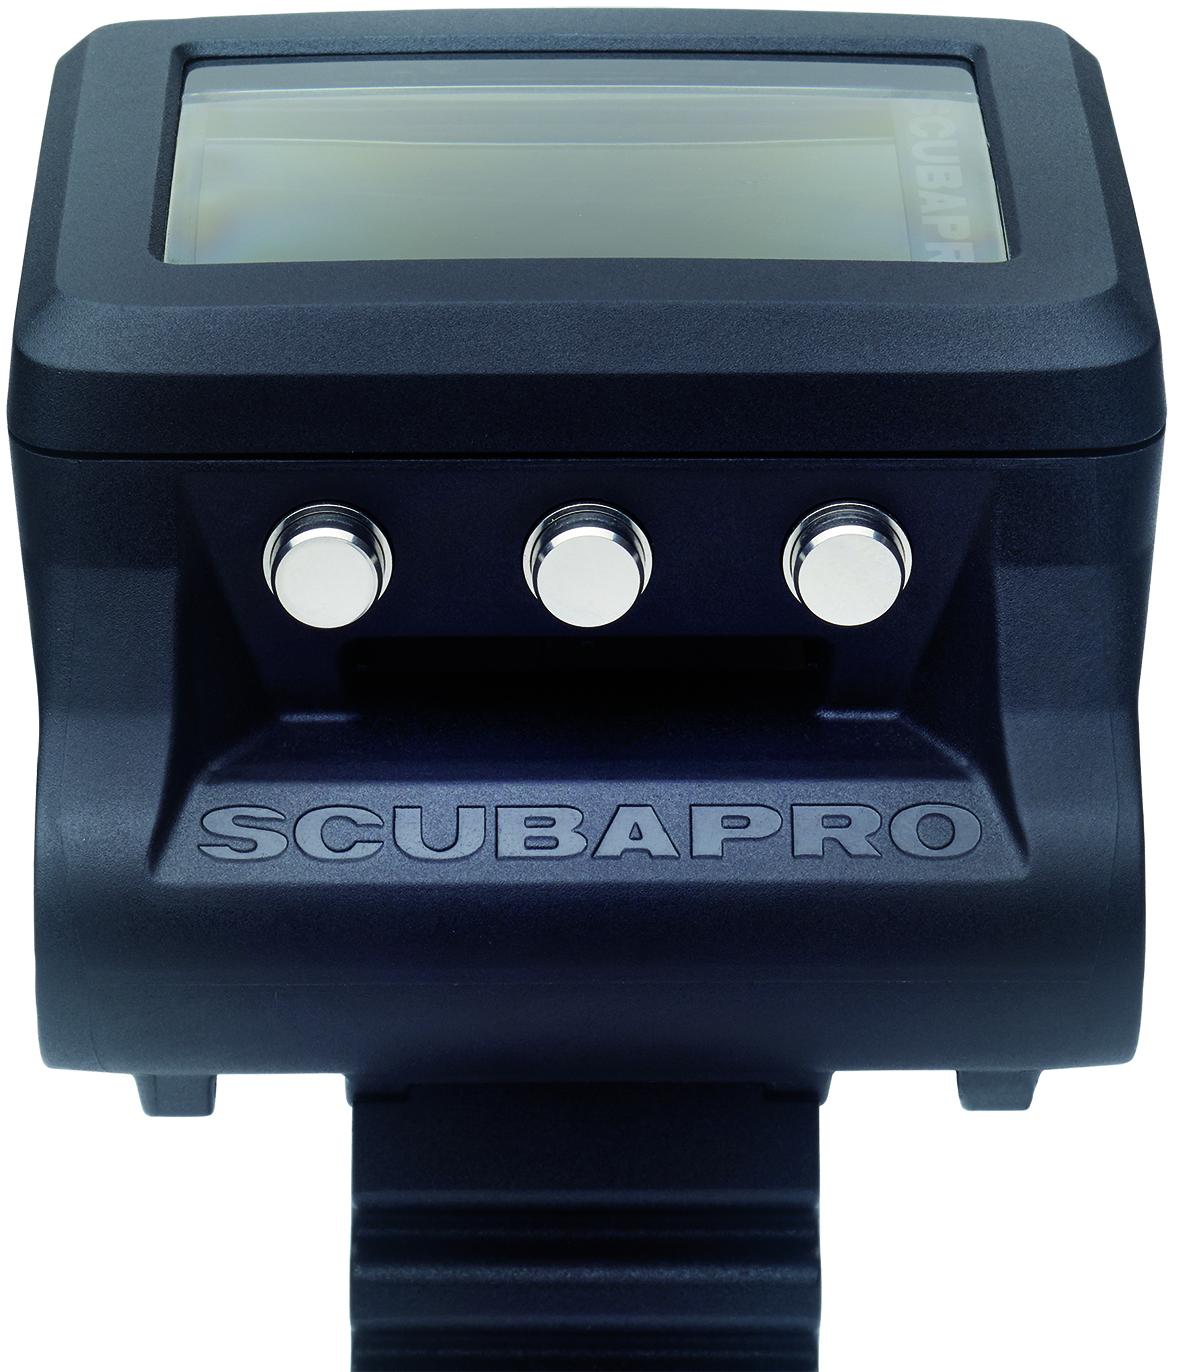 Scubapro_G2_buttons4